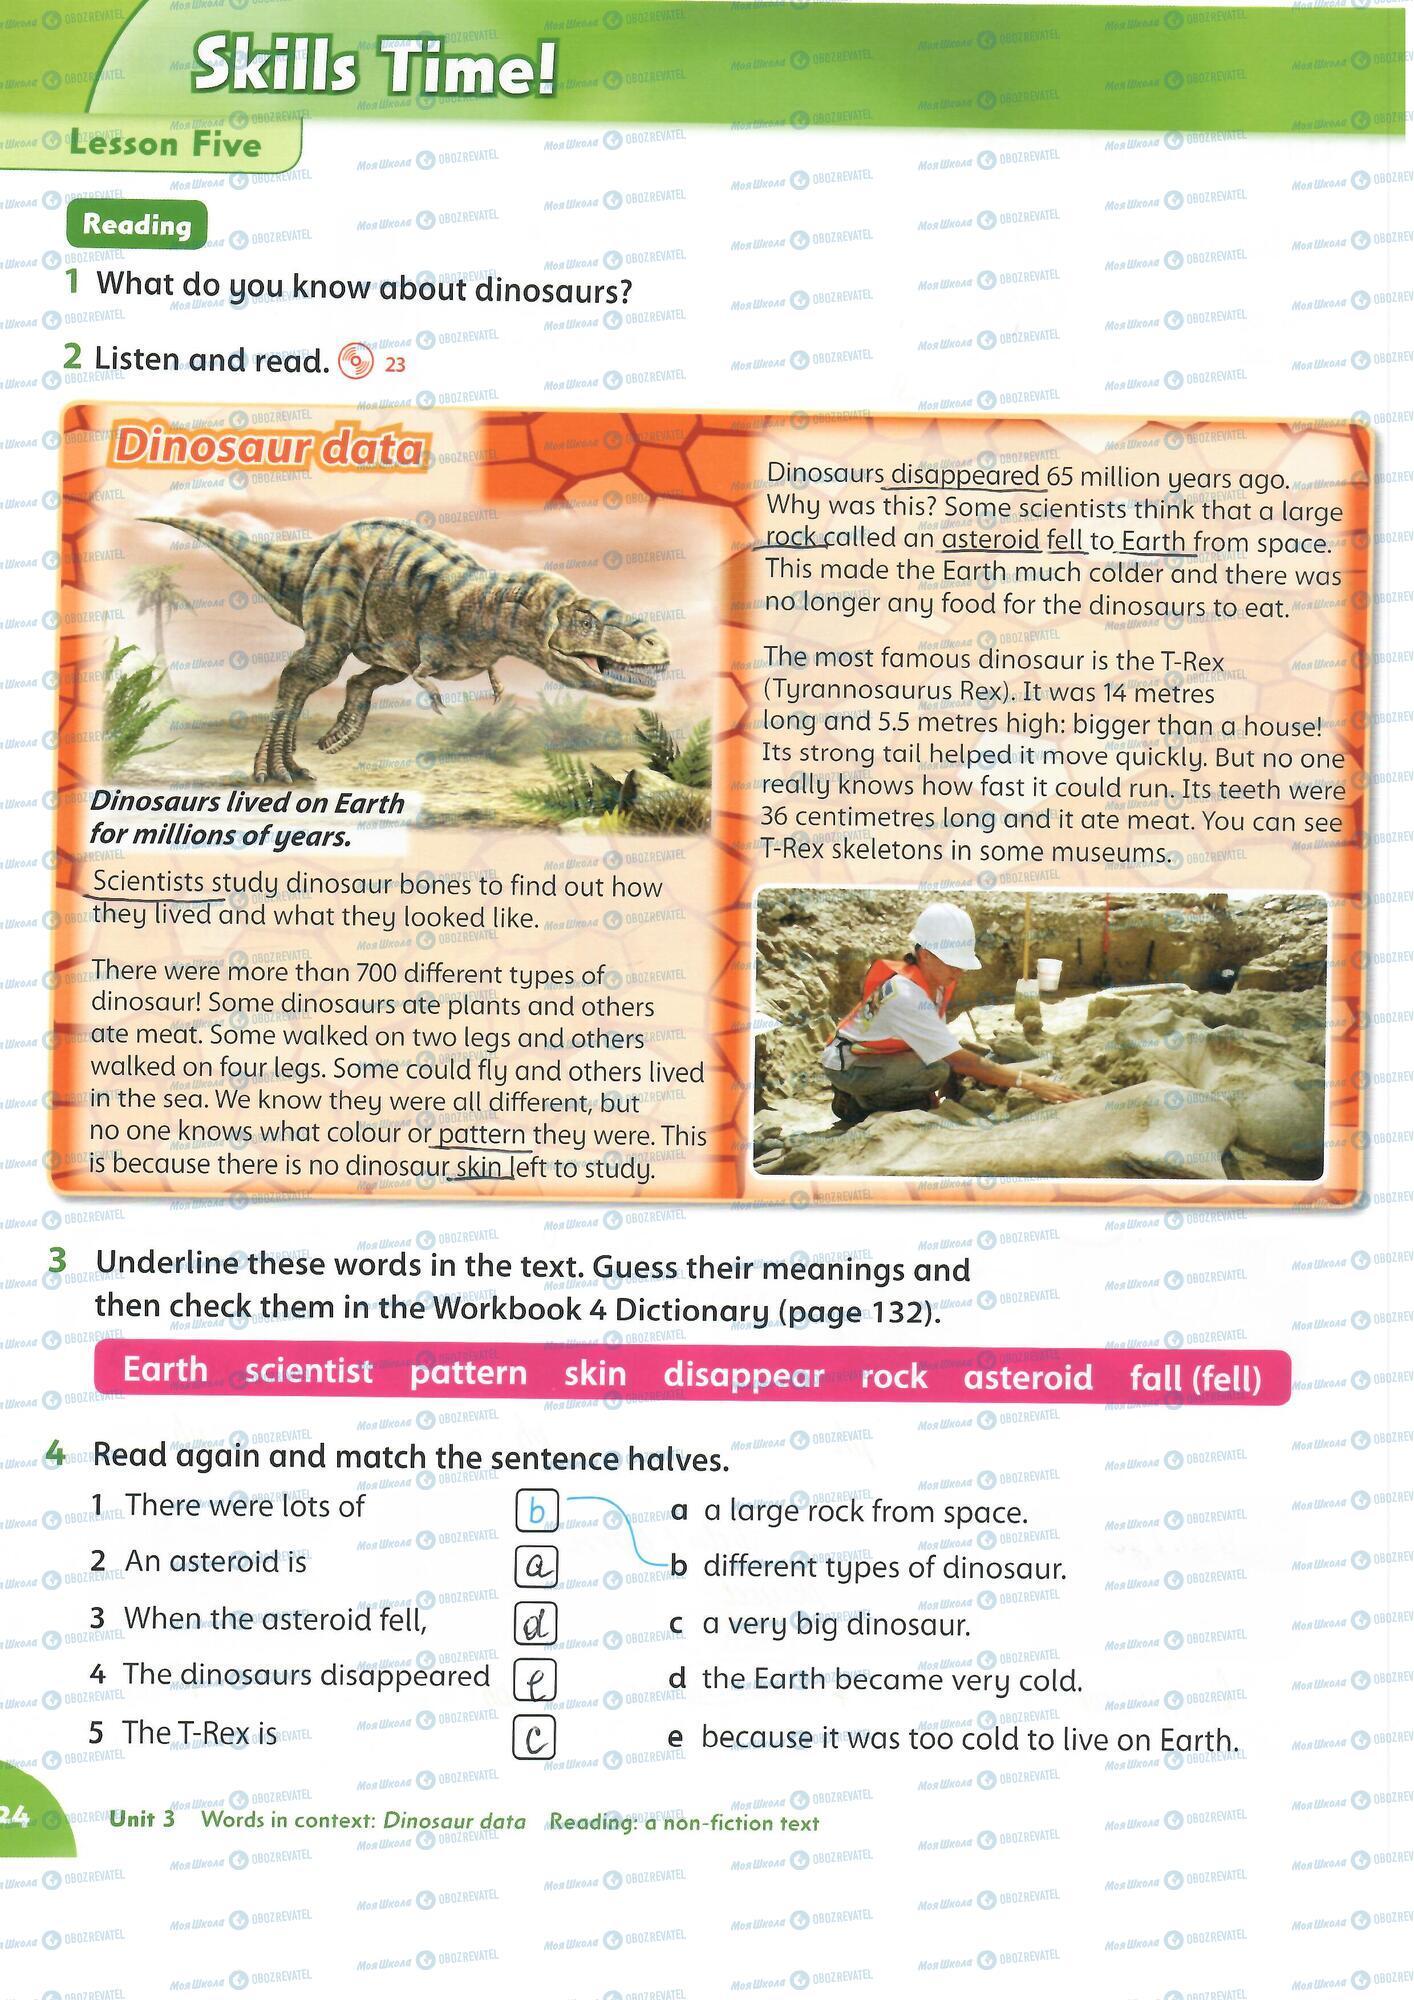 ГДЗ Английский язык 4 класс страница 24